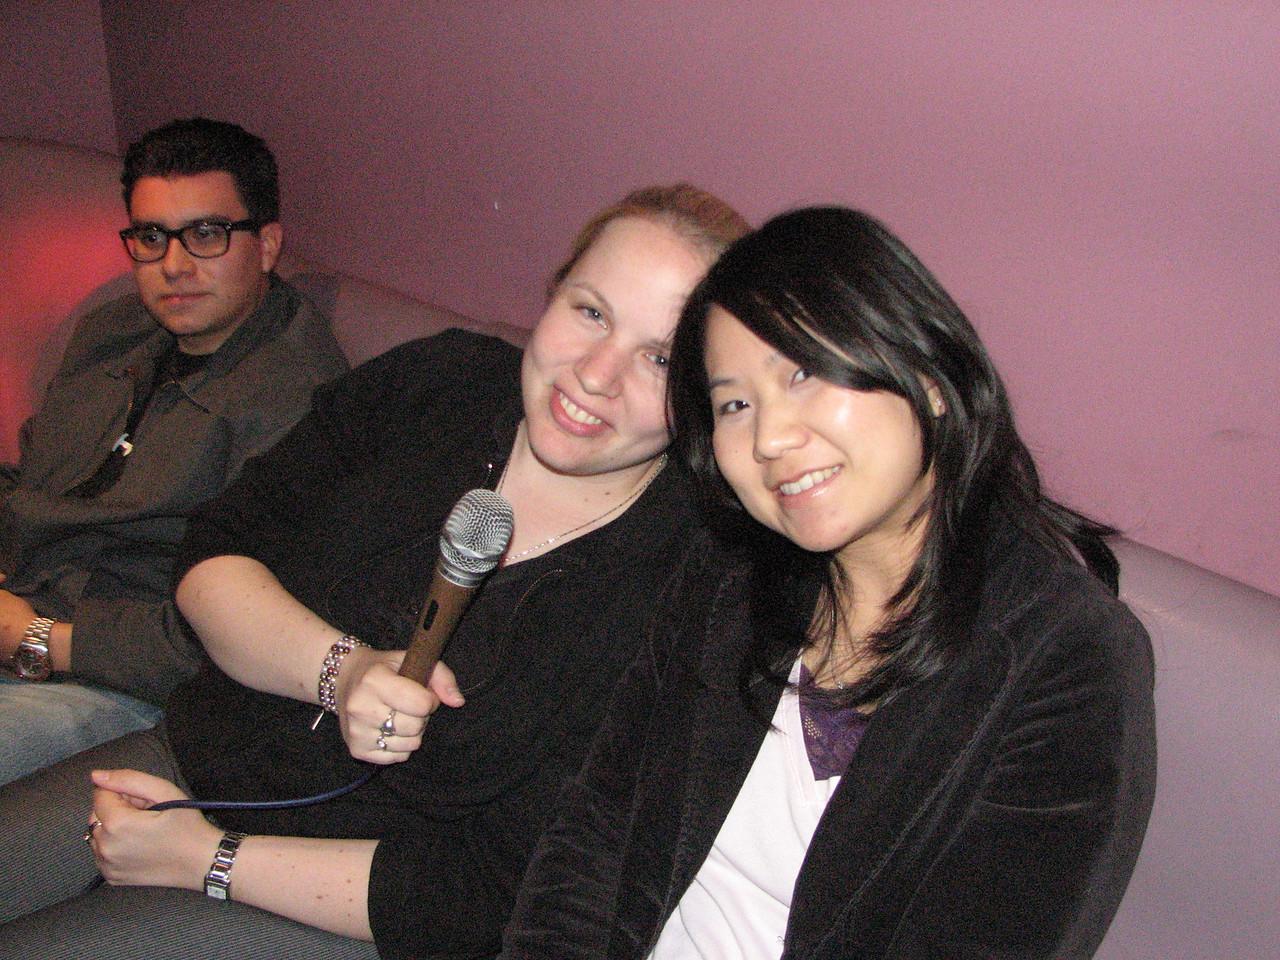 2008 03 15 Sat - Orchid - Kelly Castillo & Aileen Hong karaokeing